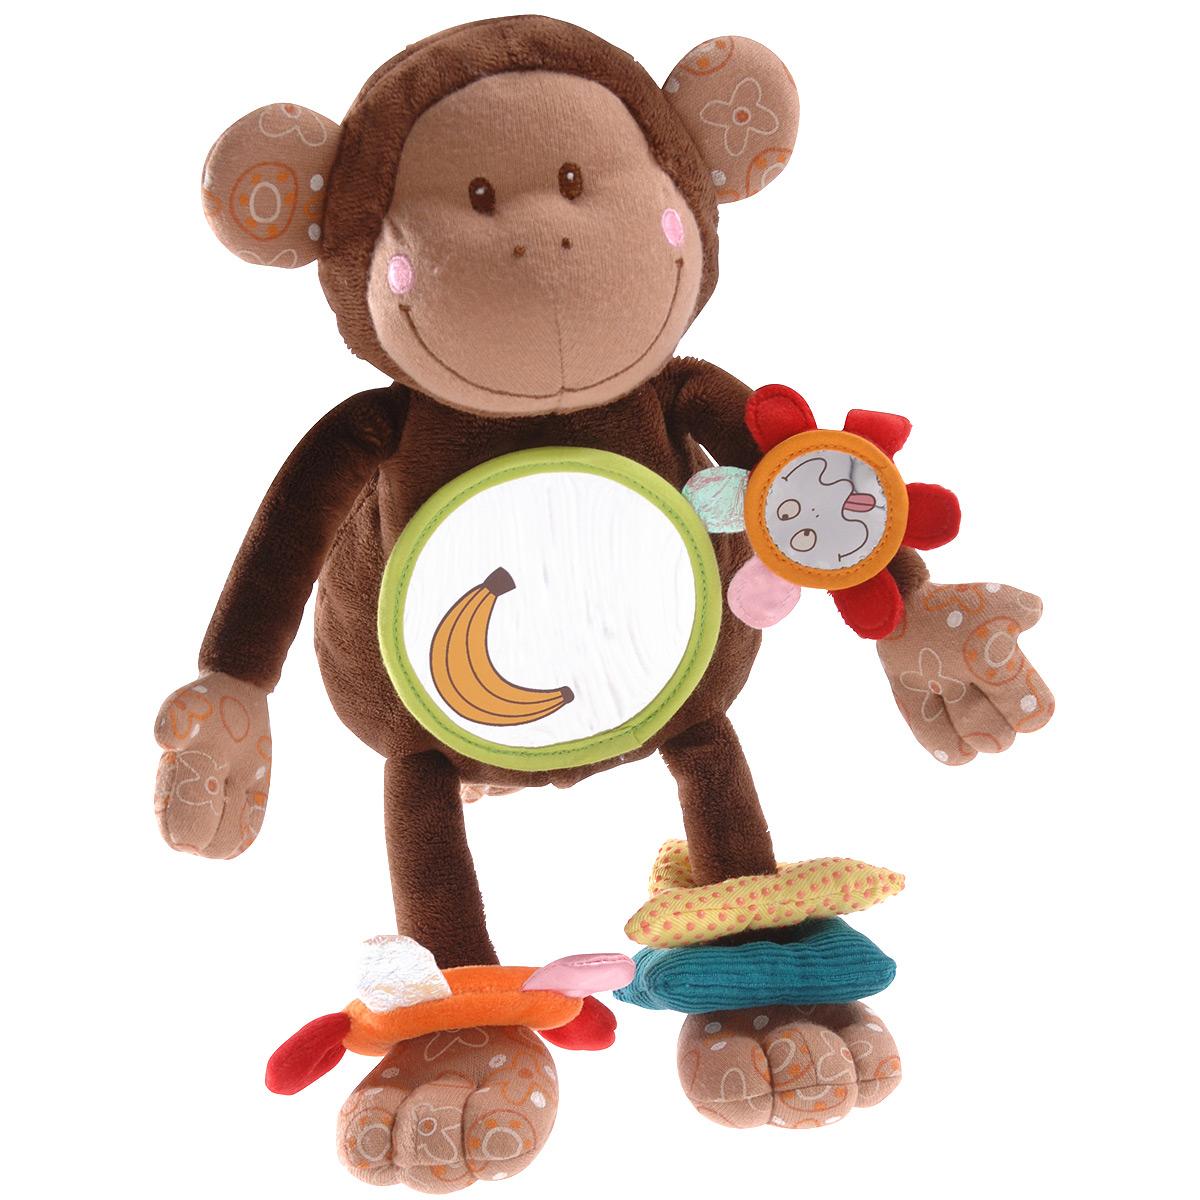 Lilliputiens Развивающая игрушка-подвеска Обезьянка Базиль86032Развивающая игрушка-подвеска Обезьянка Базиль привлечет внимание малыша и станет его любимой игрушкой. Игрушка выполнена в виде забавной обезьянки из современных, легких материалов разных цветов и фактур, абсолютно безопасных для ребенка. Никогда не унывающая обезьянка Базиль увлекает в мир познавательных и забавных игр: погремушки для ножек, цветные детали которой сделаны из разных по текстуре материалов, стимулируют тактильные ощущения. Колечко на левой ножке обезьянки оснащено шуршащим элементом. Правая ручка украшена забавным зеркальцем в виде цветка. На животике игрушки расположено большое безопасное зеркальце, в котором малыш может наблюдать выражения своего личика. Потяните игрушку за хвост - она начнет вибрировать и постепенно вернется в первоначальное положение. На спине игрушки расположена застежка-липучка, с помощью которой ее можно прикрепить к коляске, кроватке, манежу или дуге игрового коврика. Игрушка-подвеска Обезьянка Базиль поможет ребенку в...